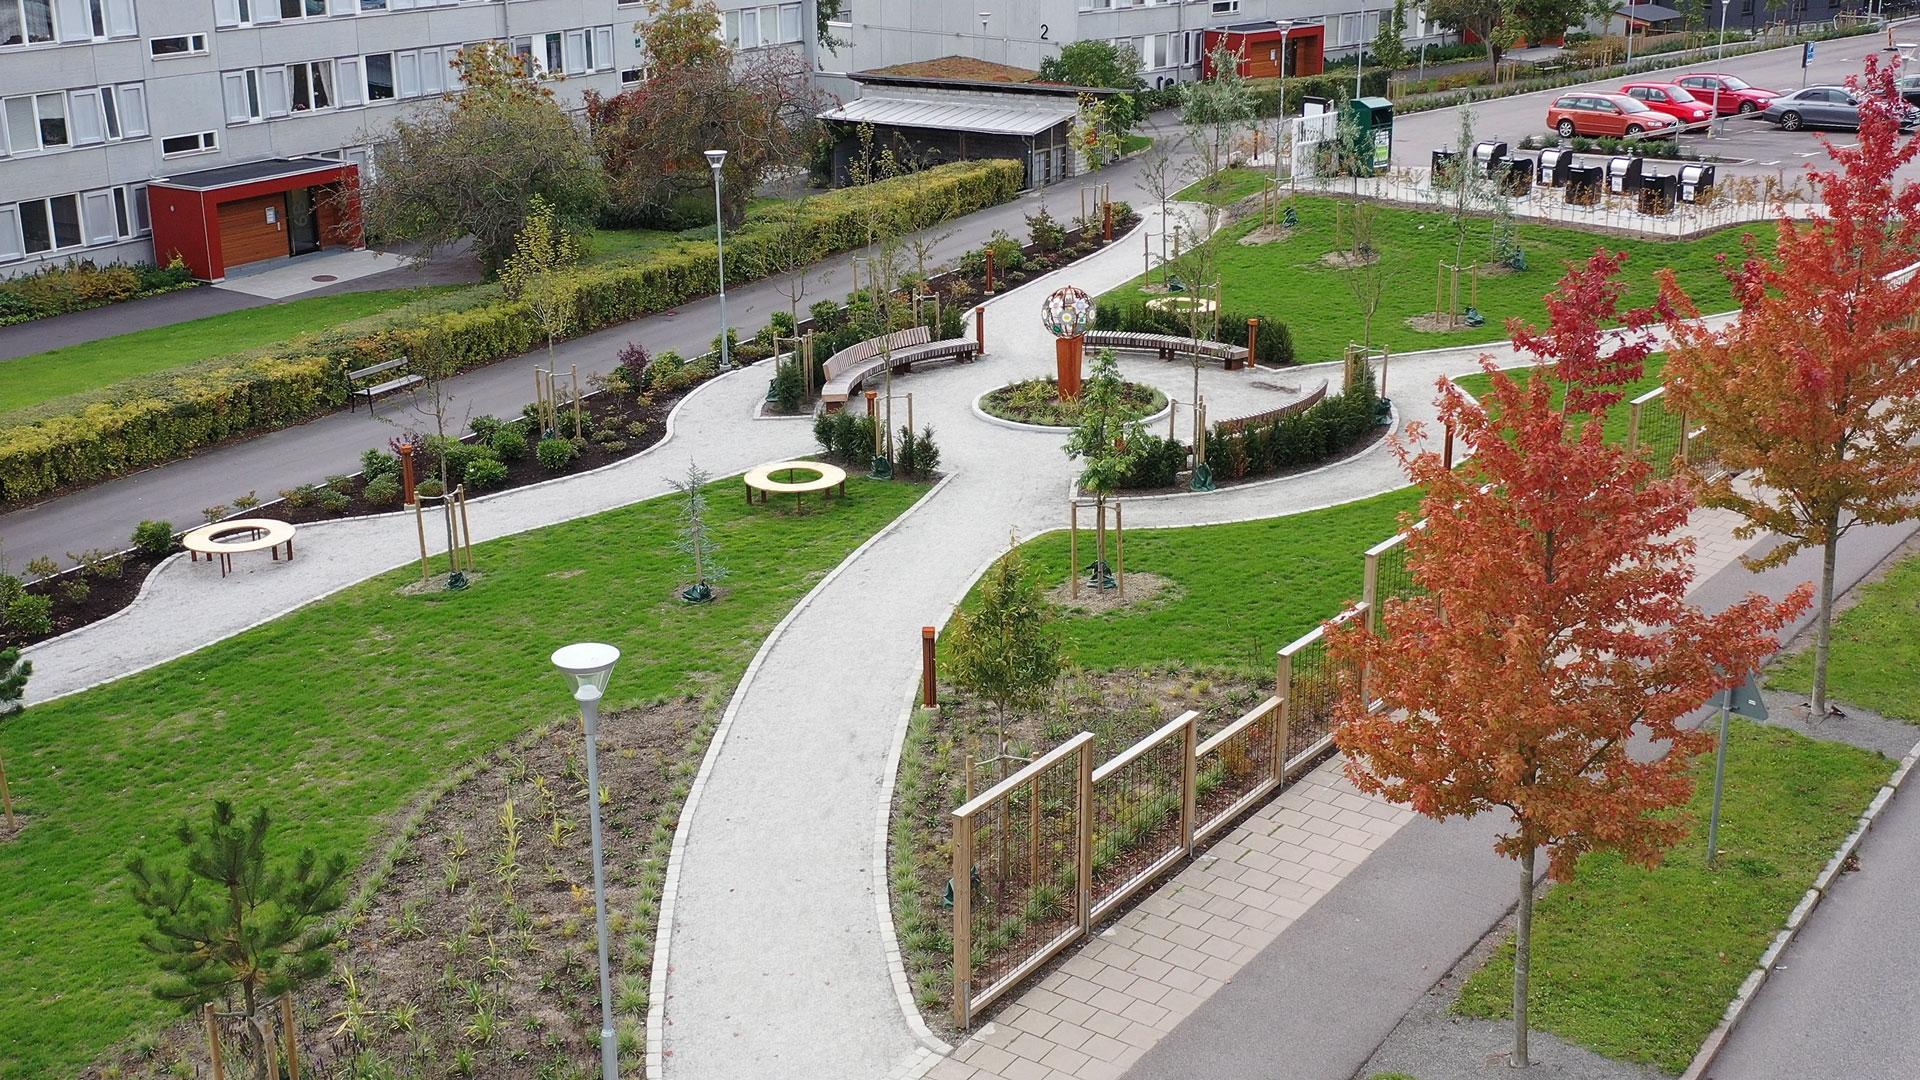 """Det sker mycket förnyelse på Linero. Här en bild på """"Världens trädgård"""", Linero, Lund."""